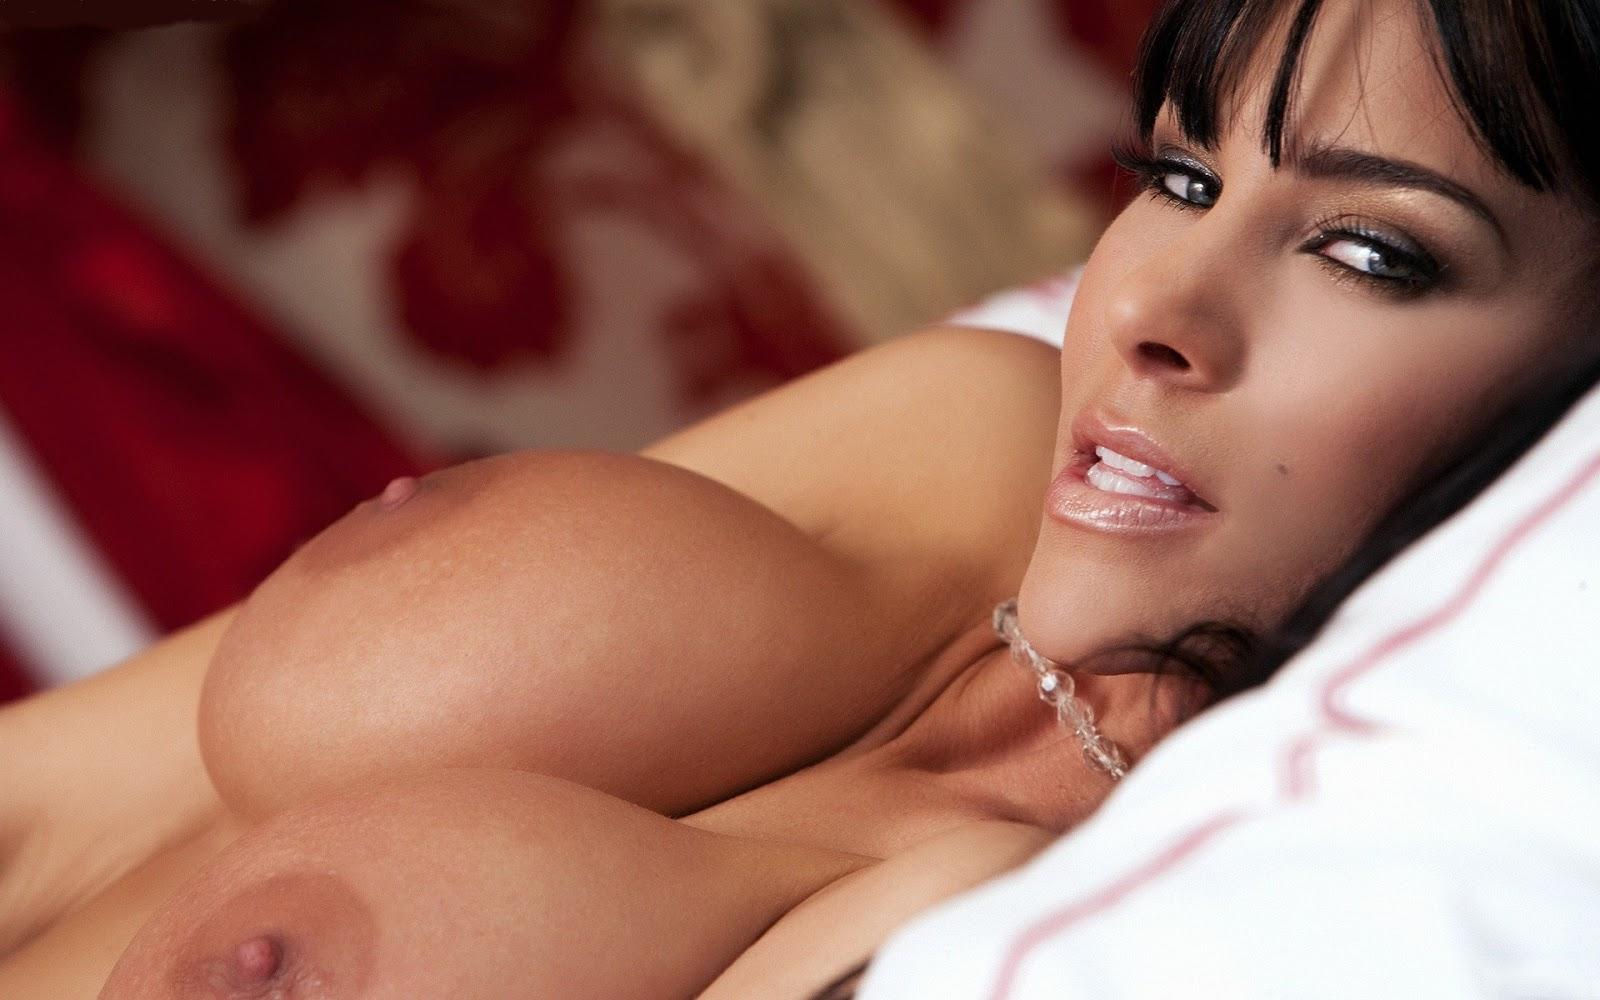 Чем больше оргазмов тем больше грудь 21 фотография